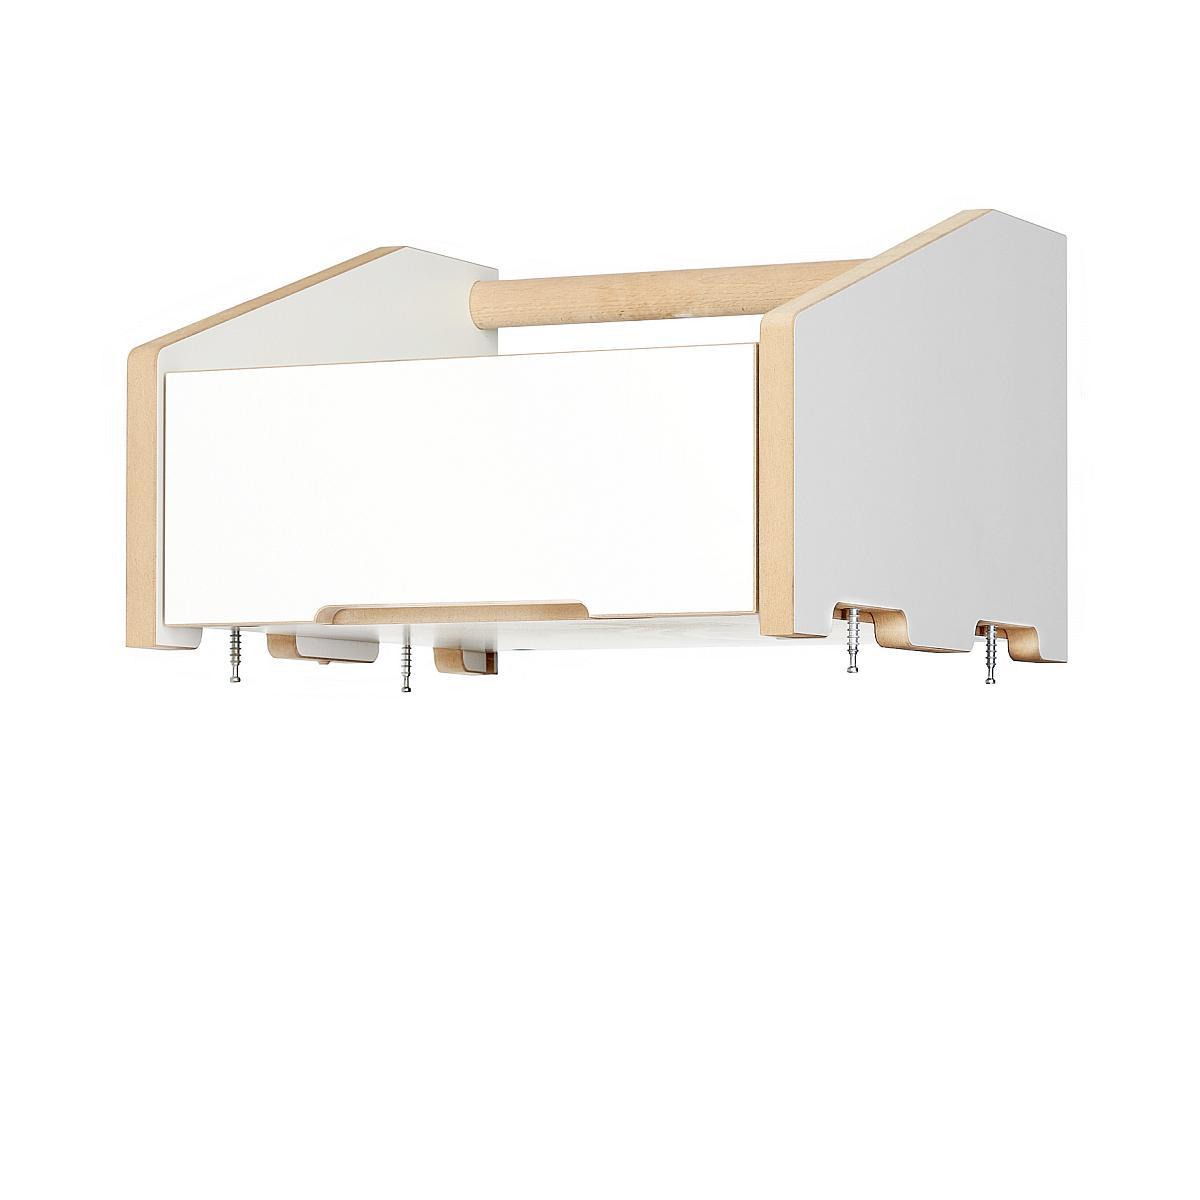 Tojo CARGO Container Abschlussmodul oben weiß